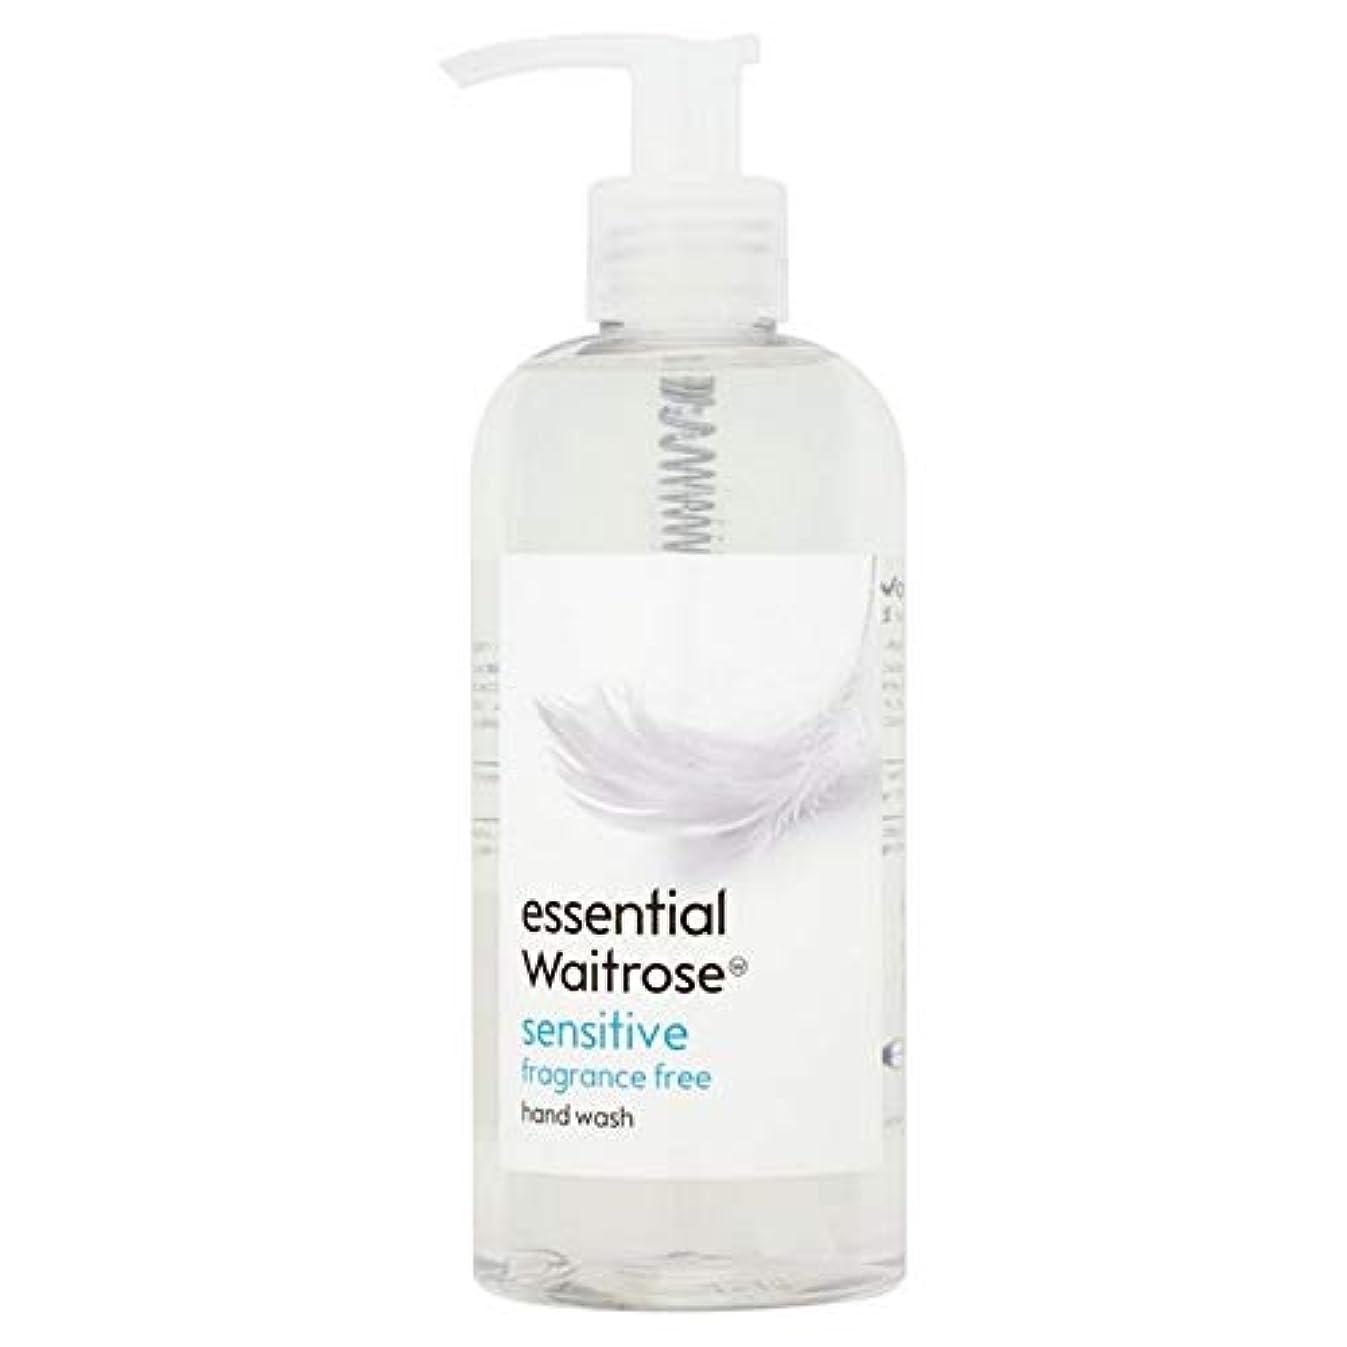 億誤って浸透する[Waitrose ] 基本的なウェイトローズのハンドウォッシュ敏感な300ミリリットル - Essential Waitrose Hand Wash Sensitive 300ml [並行輸入品]